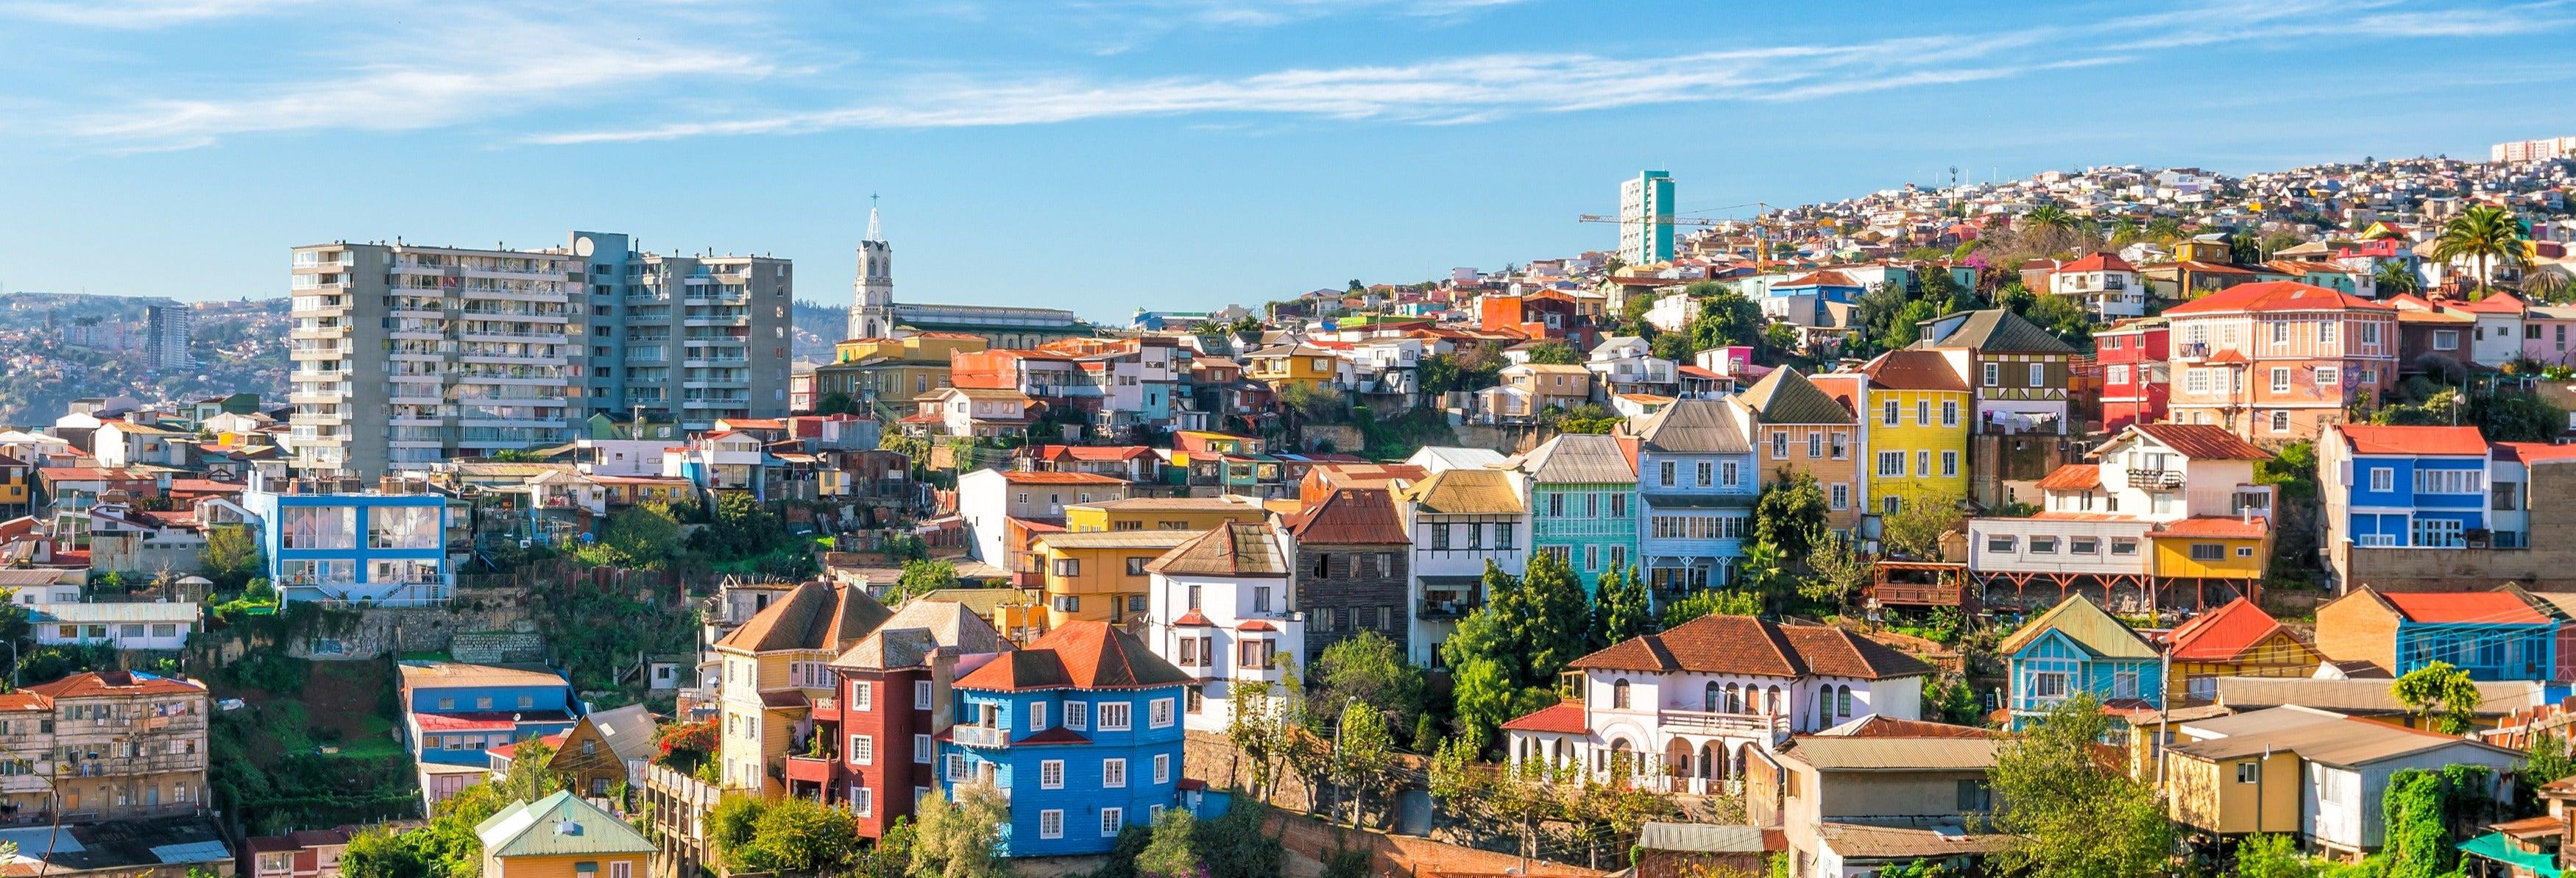 Excursão a Valparaíso e Viña del Mar